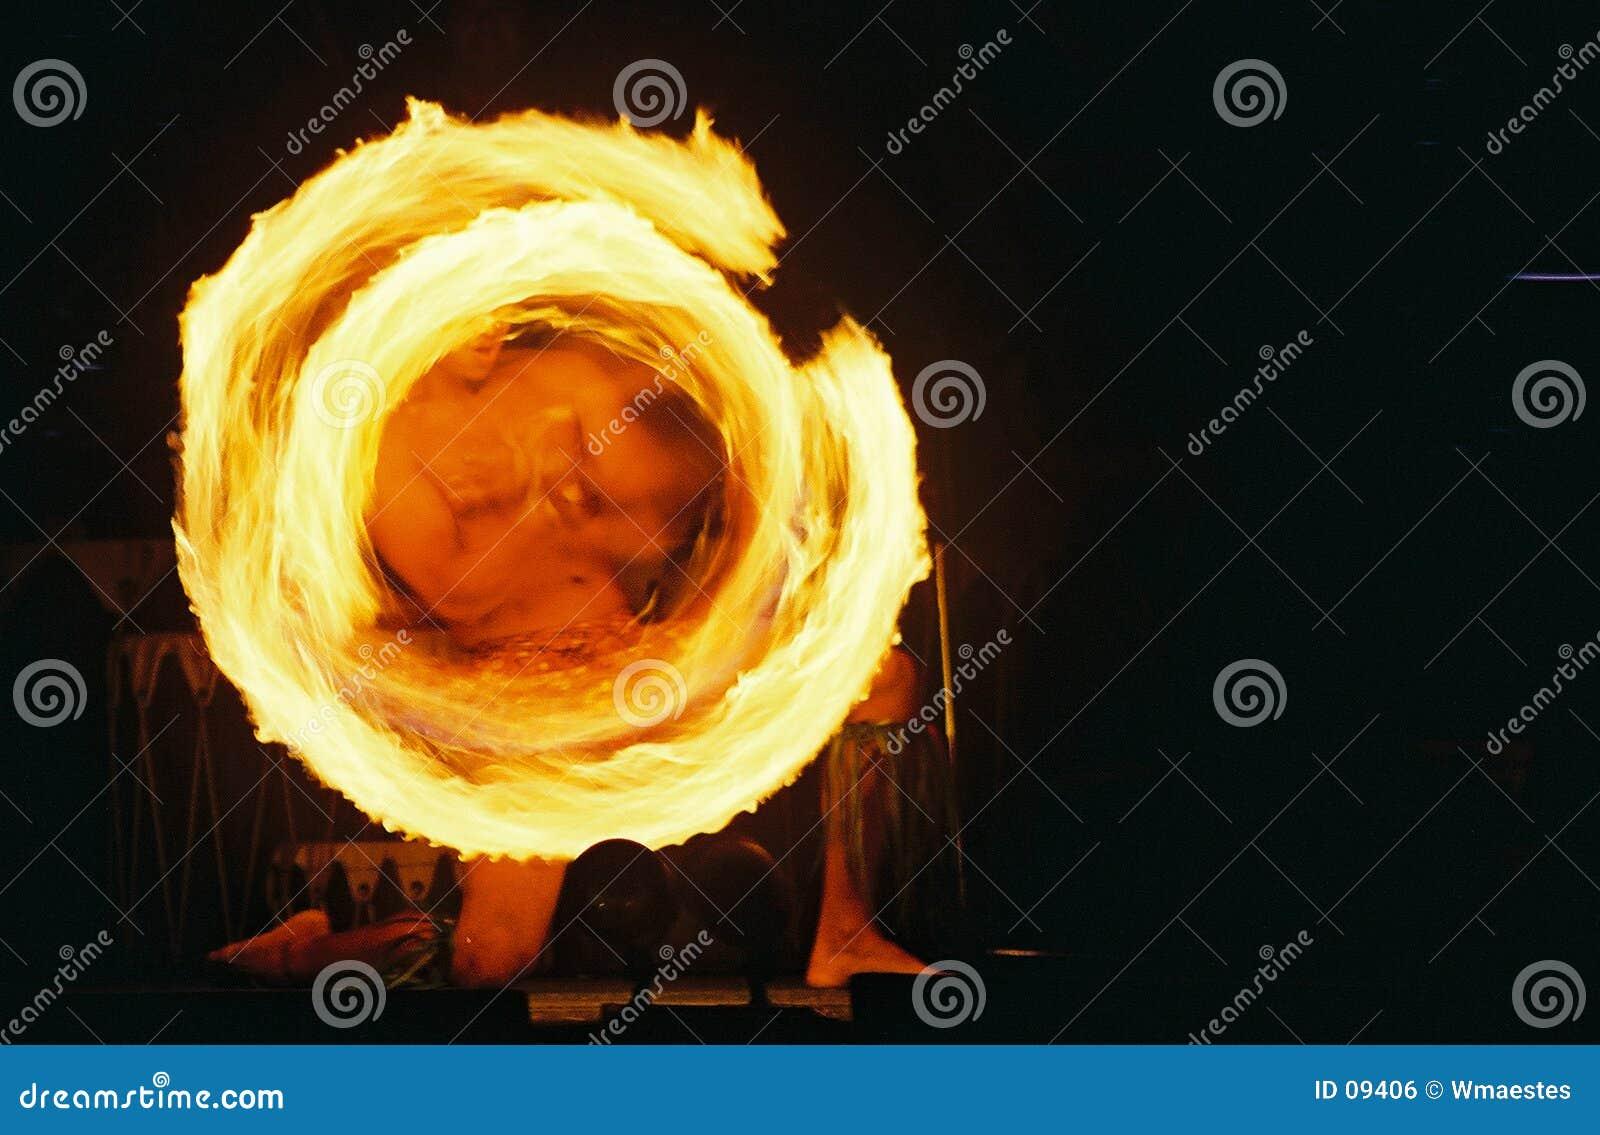 Fuego hawaiano II